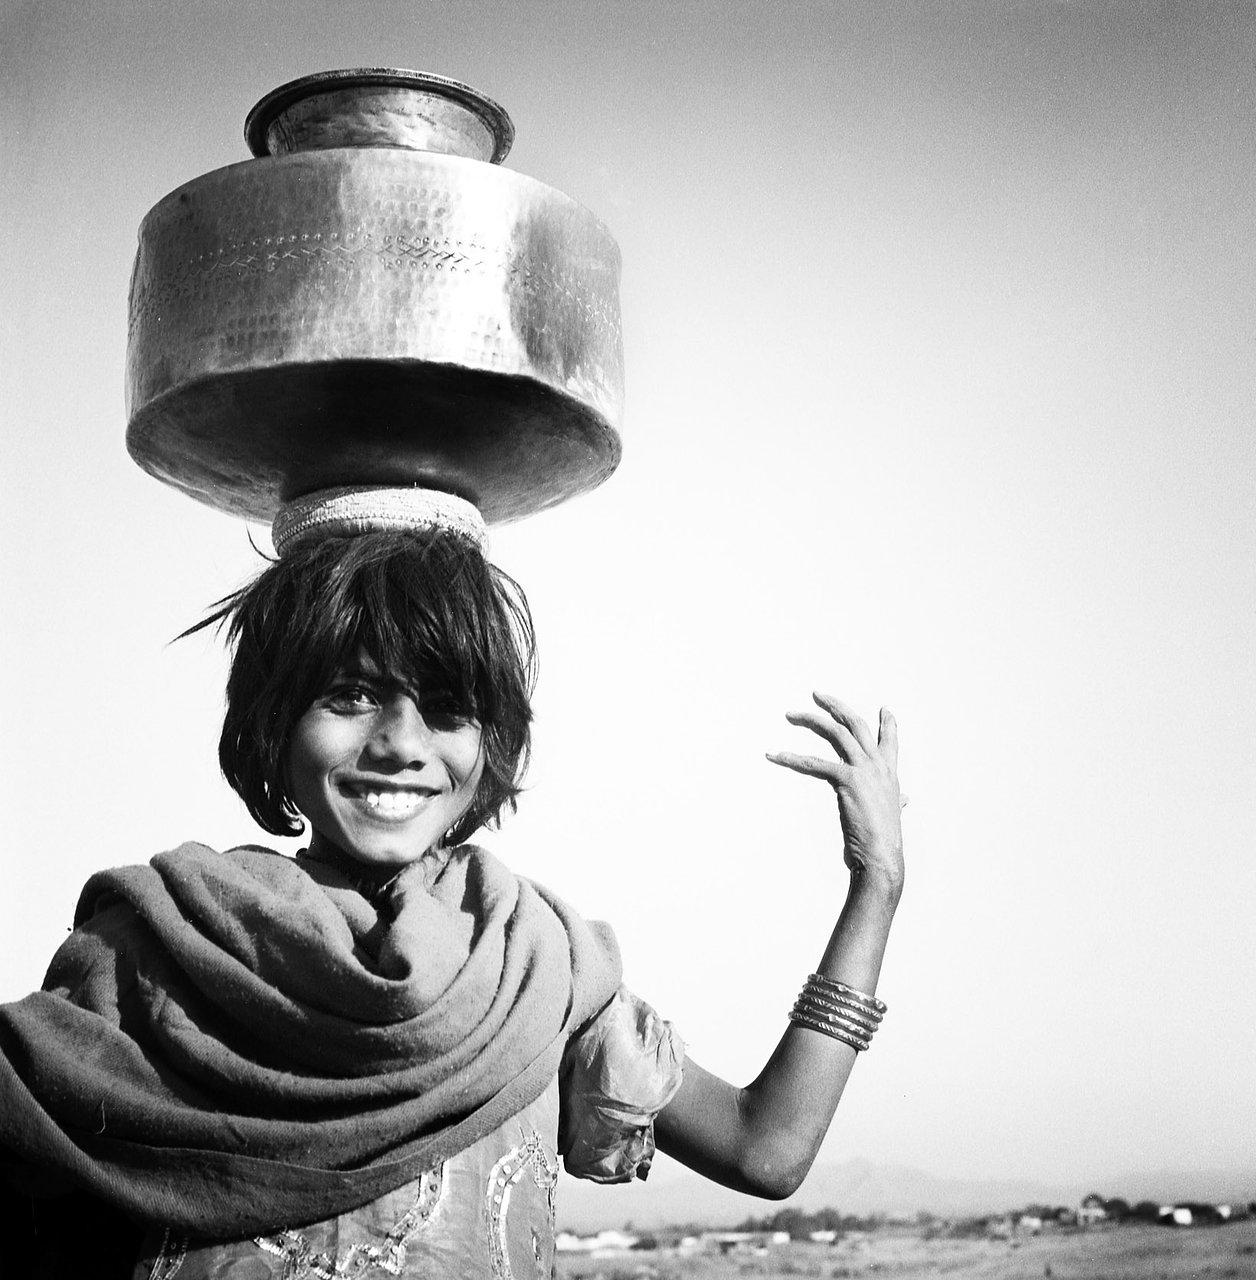 Gipsy girl, Rajasthan